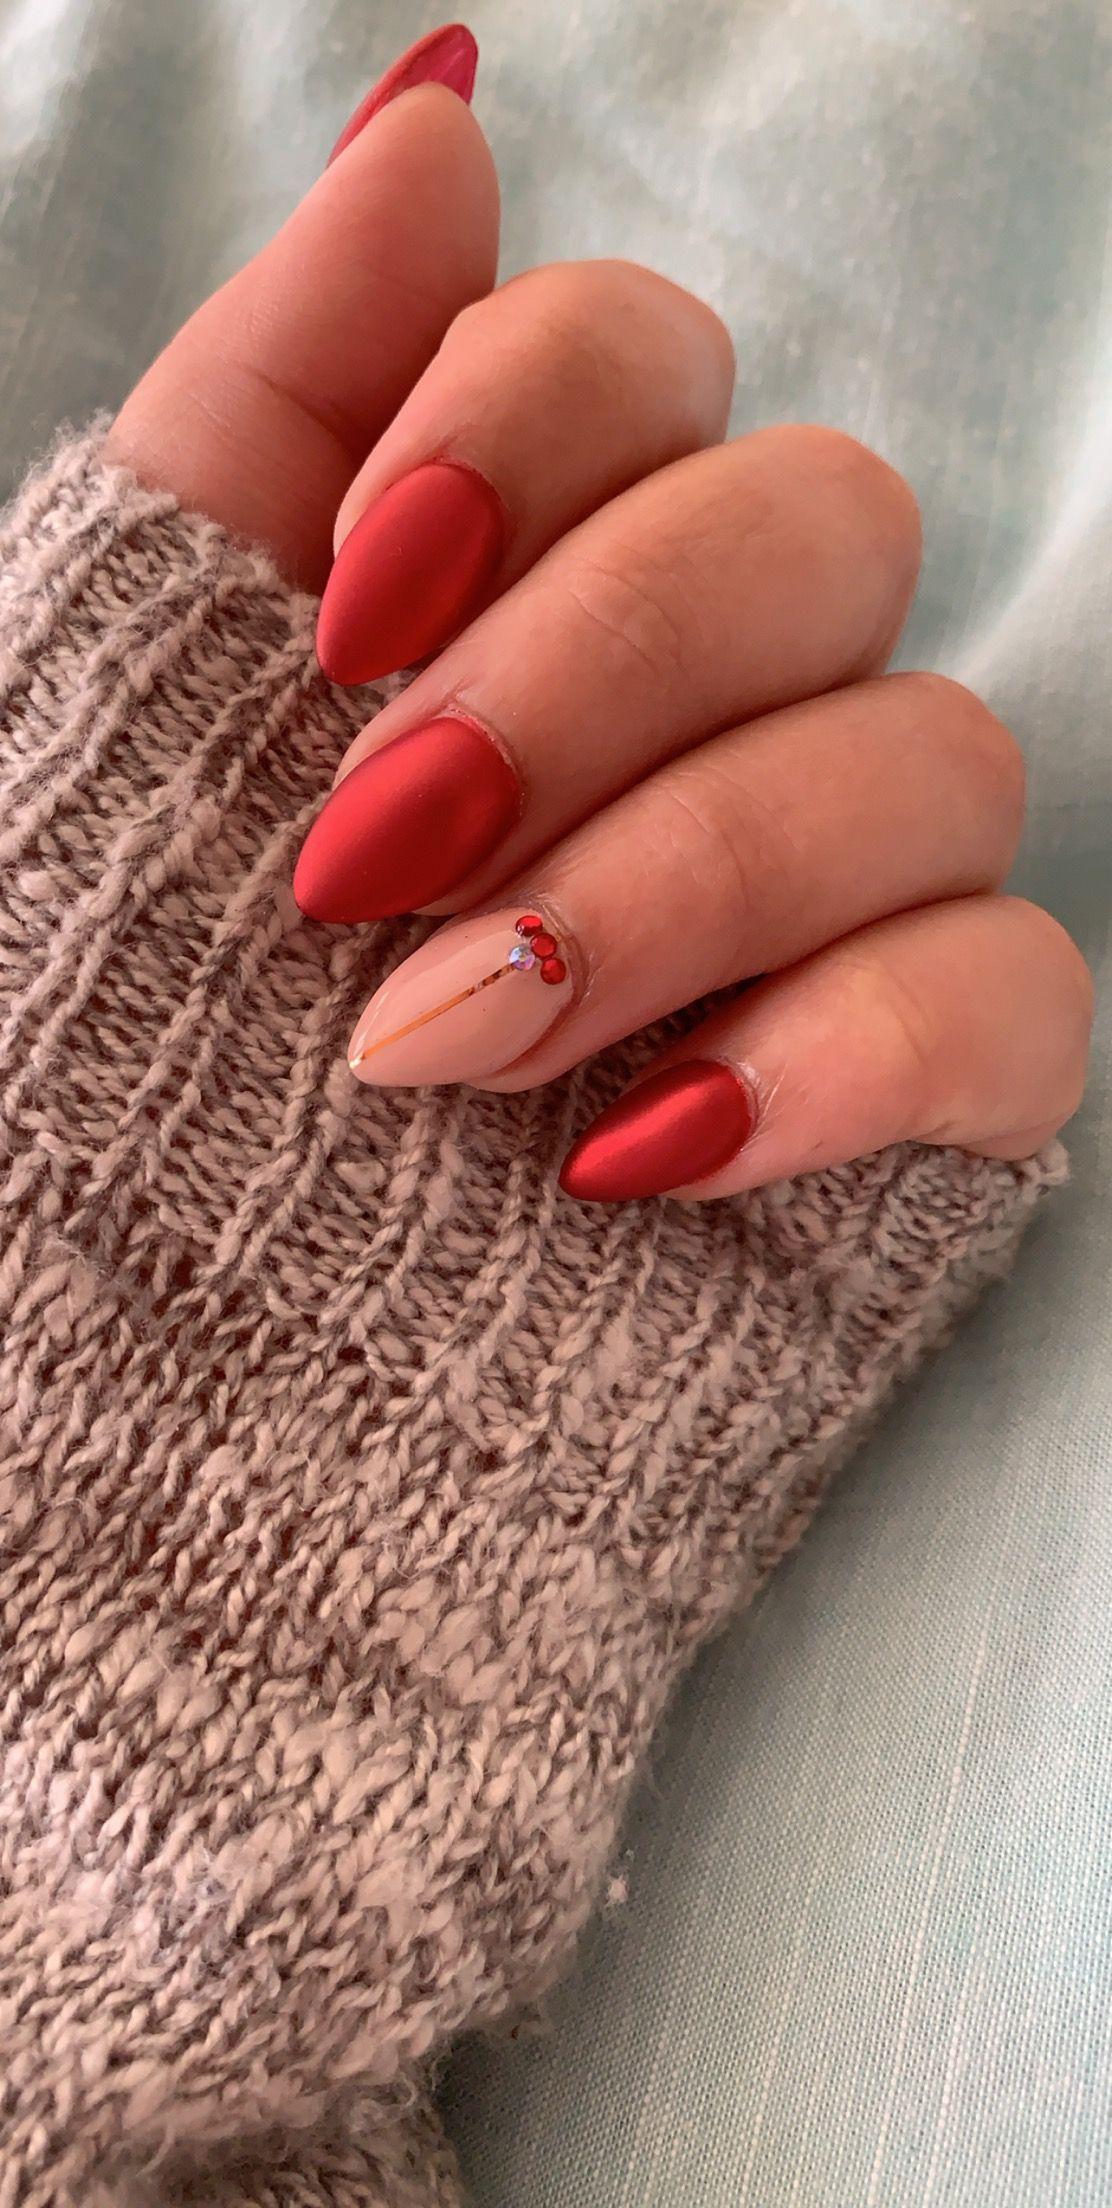 Winter nails 2018 festive red chrome nail art design ...